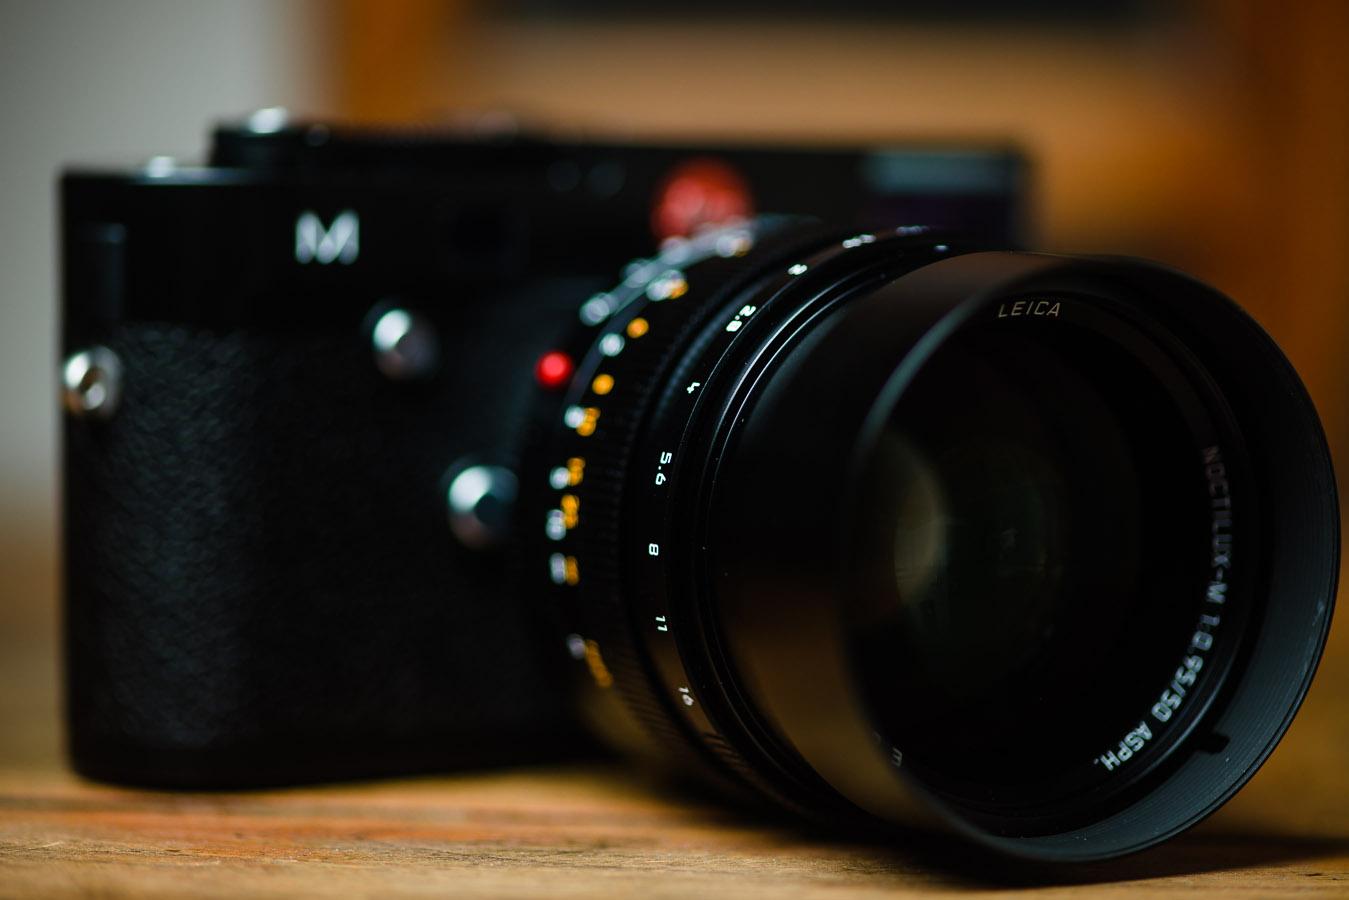 Leica M6 Entfernungsmesser Justieren : Leica macht glücklich teil stefan groenveld fotograf aus